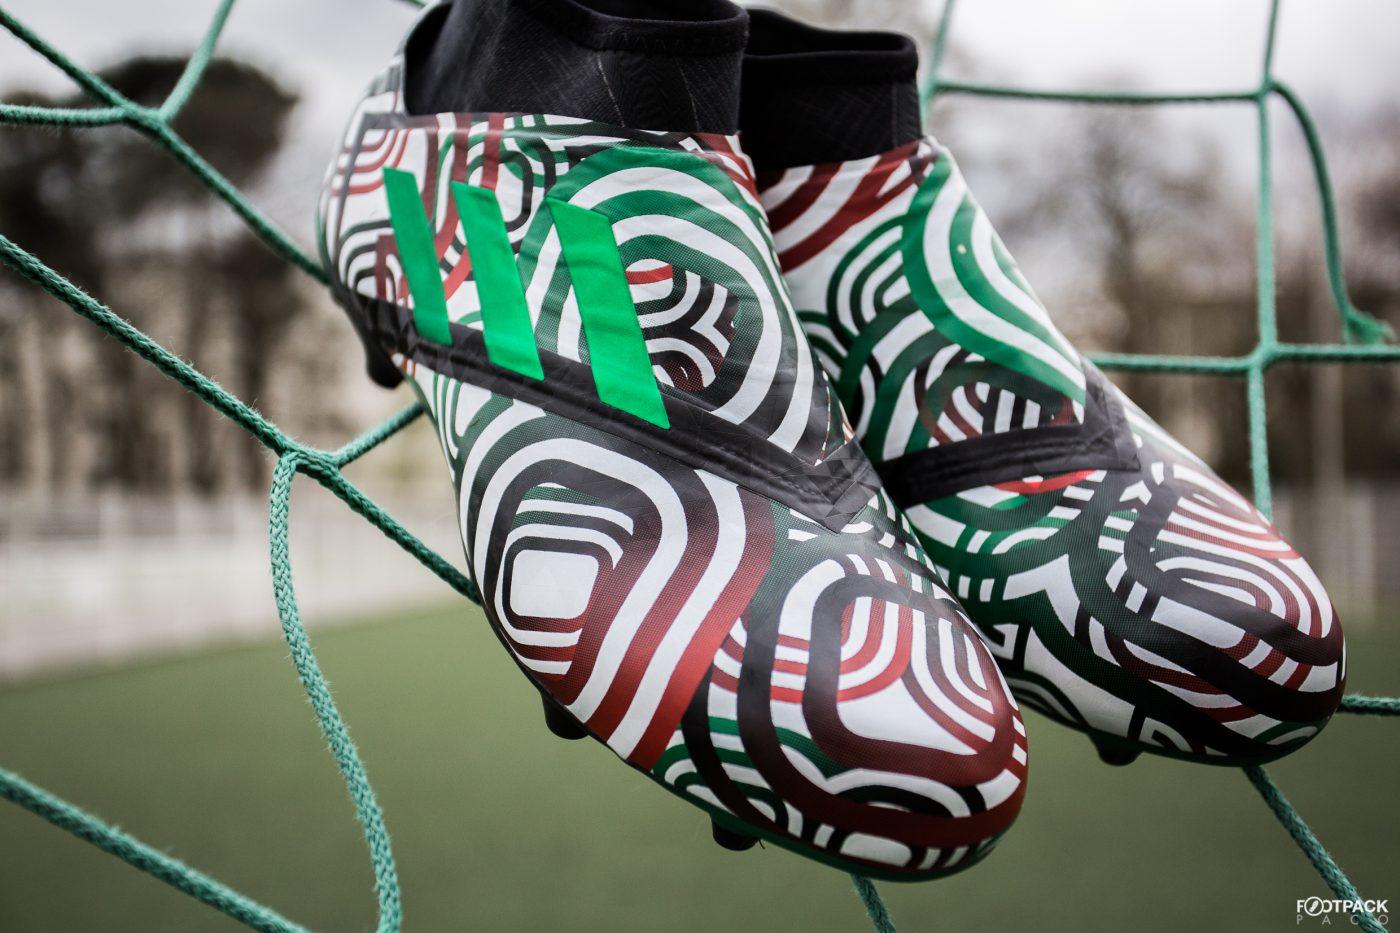 adidas-glitch-number-skin-numberskin-footpack-5